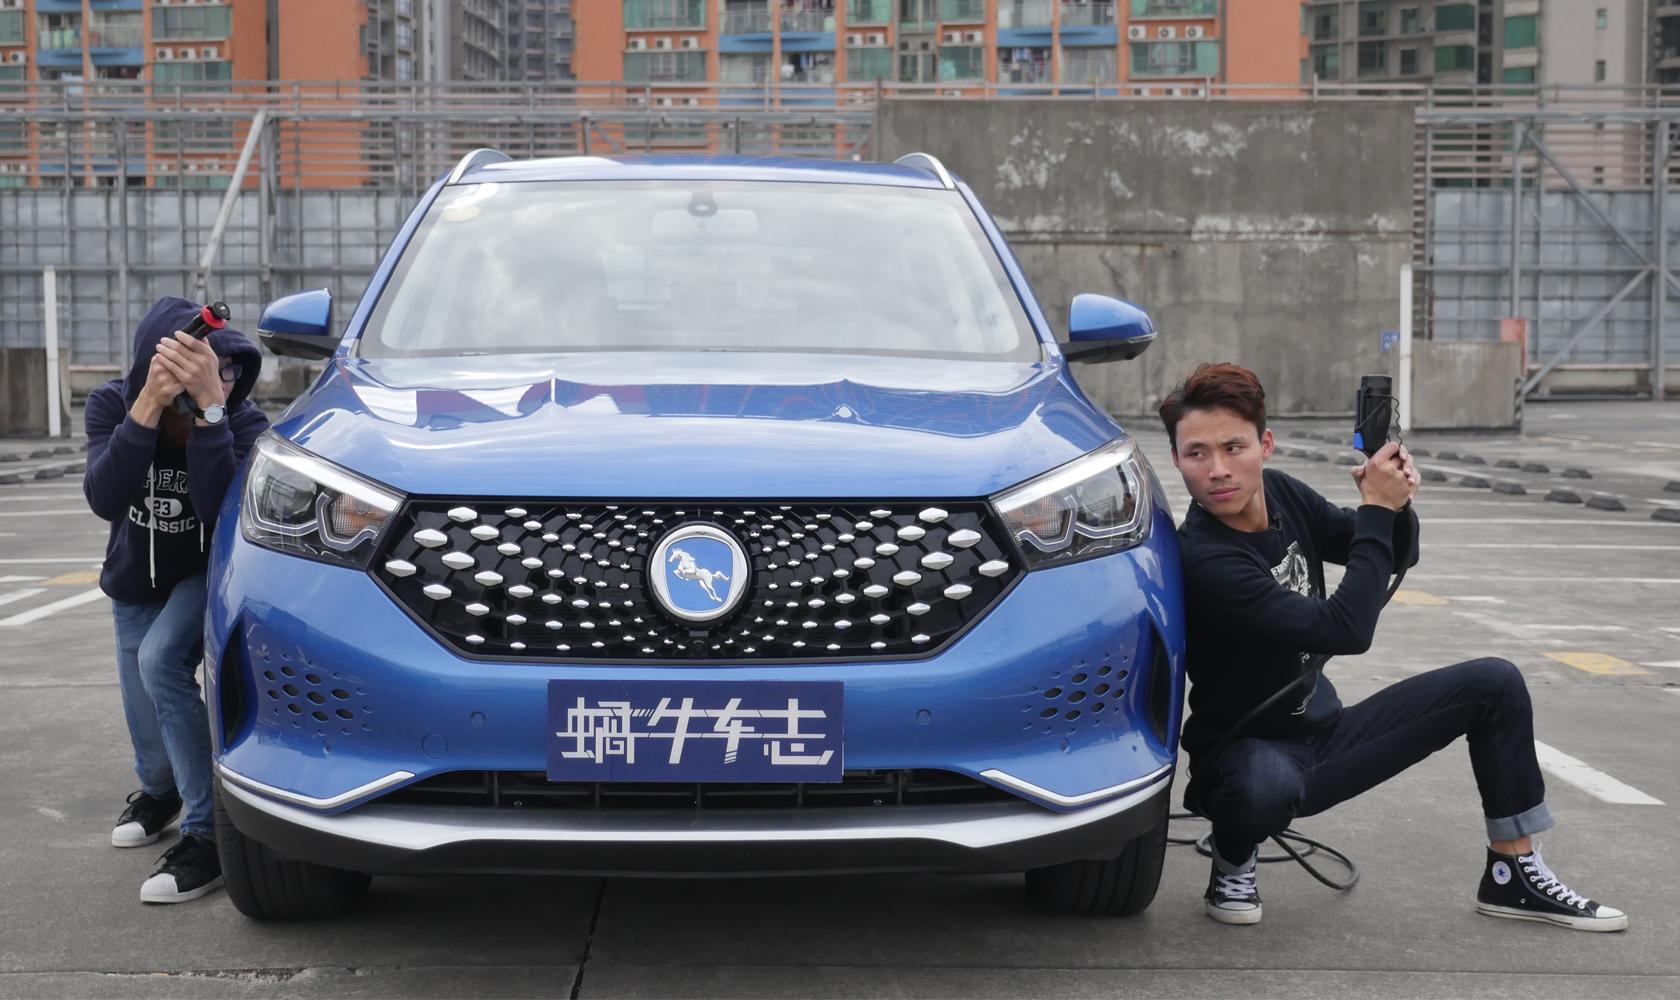 初评汉腾X5 EV纯电车,燃油车死忠阿康受得了吗?